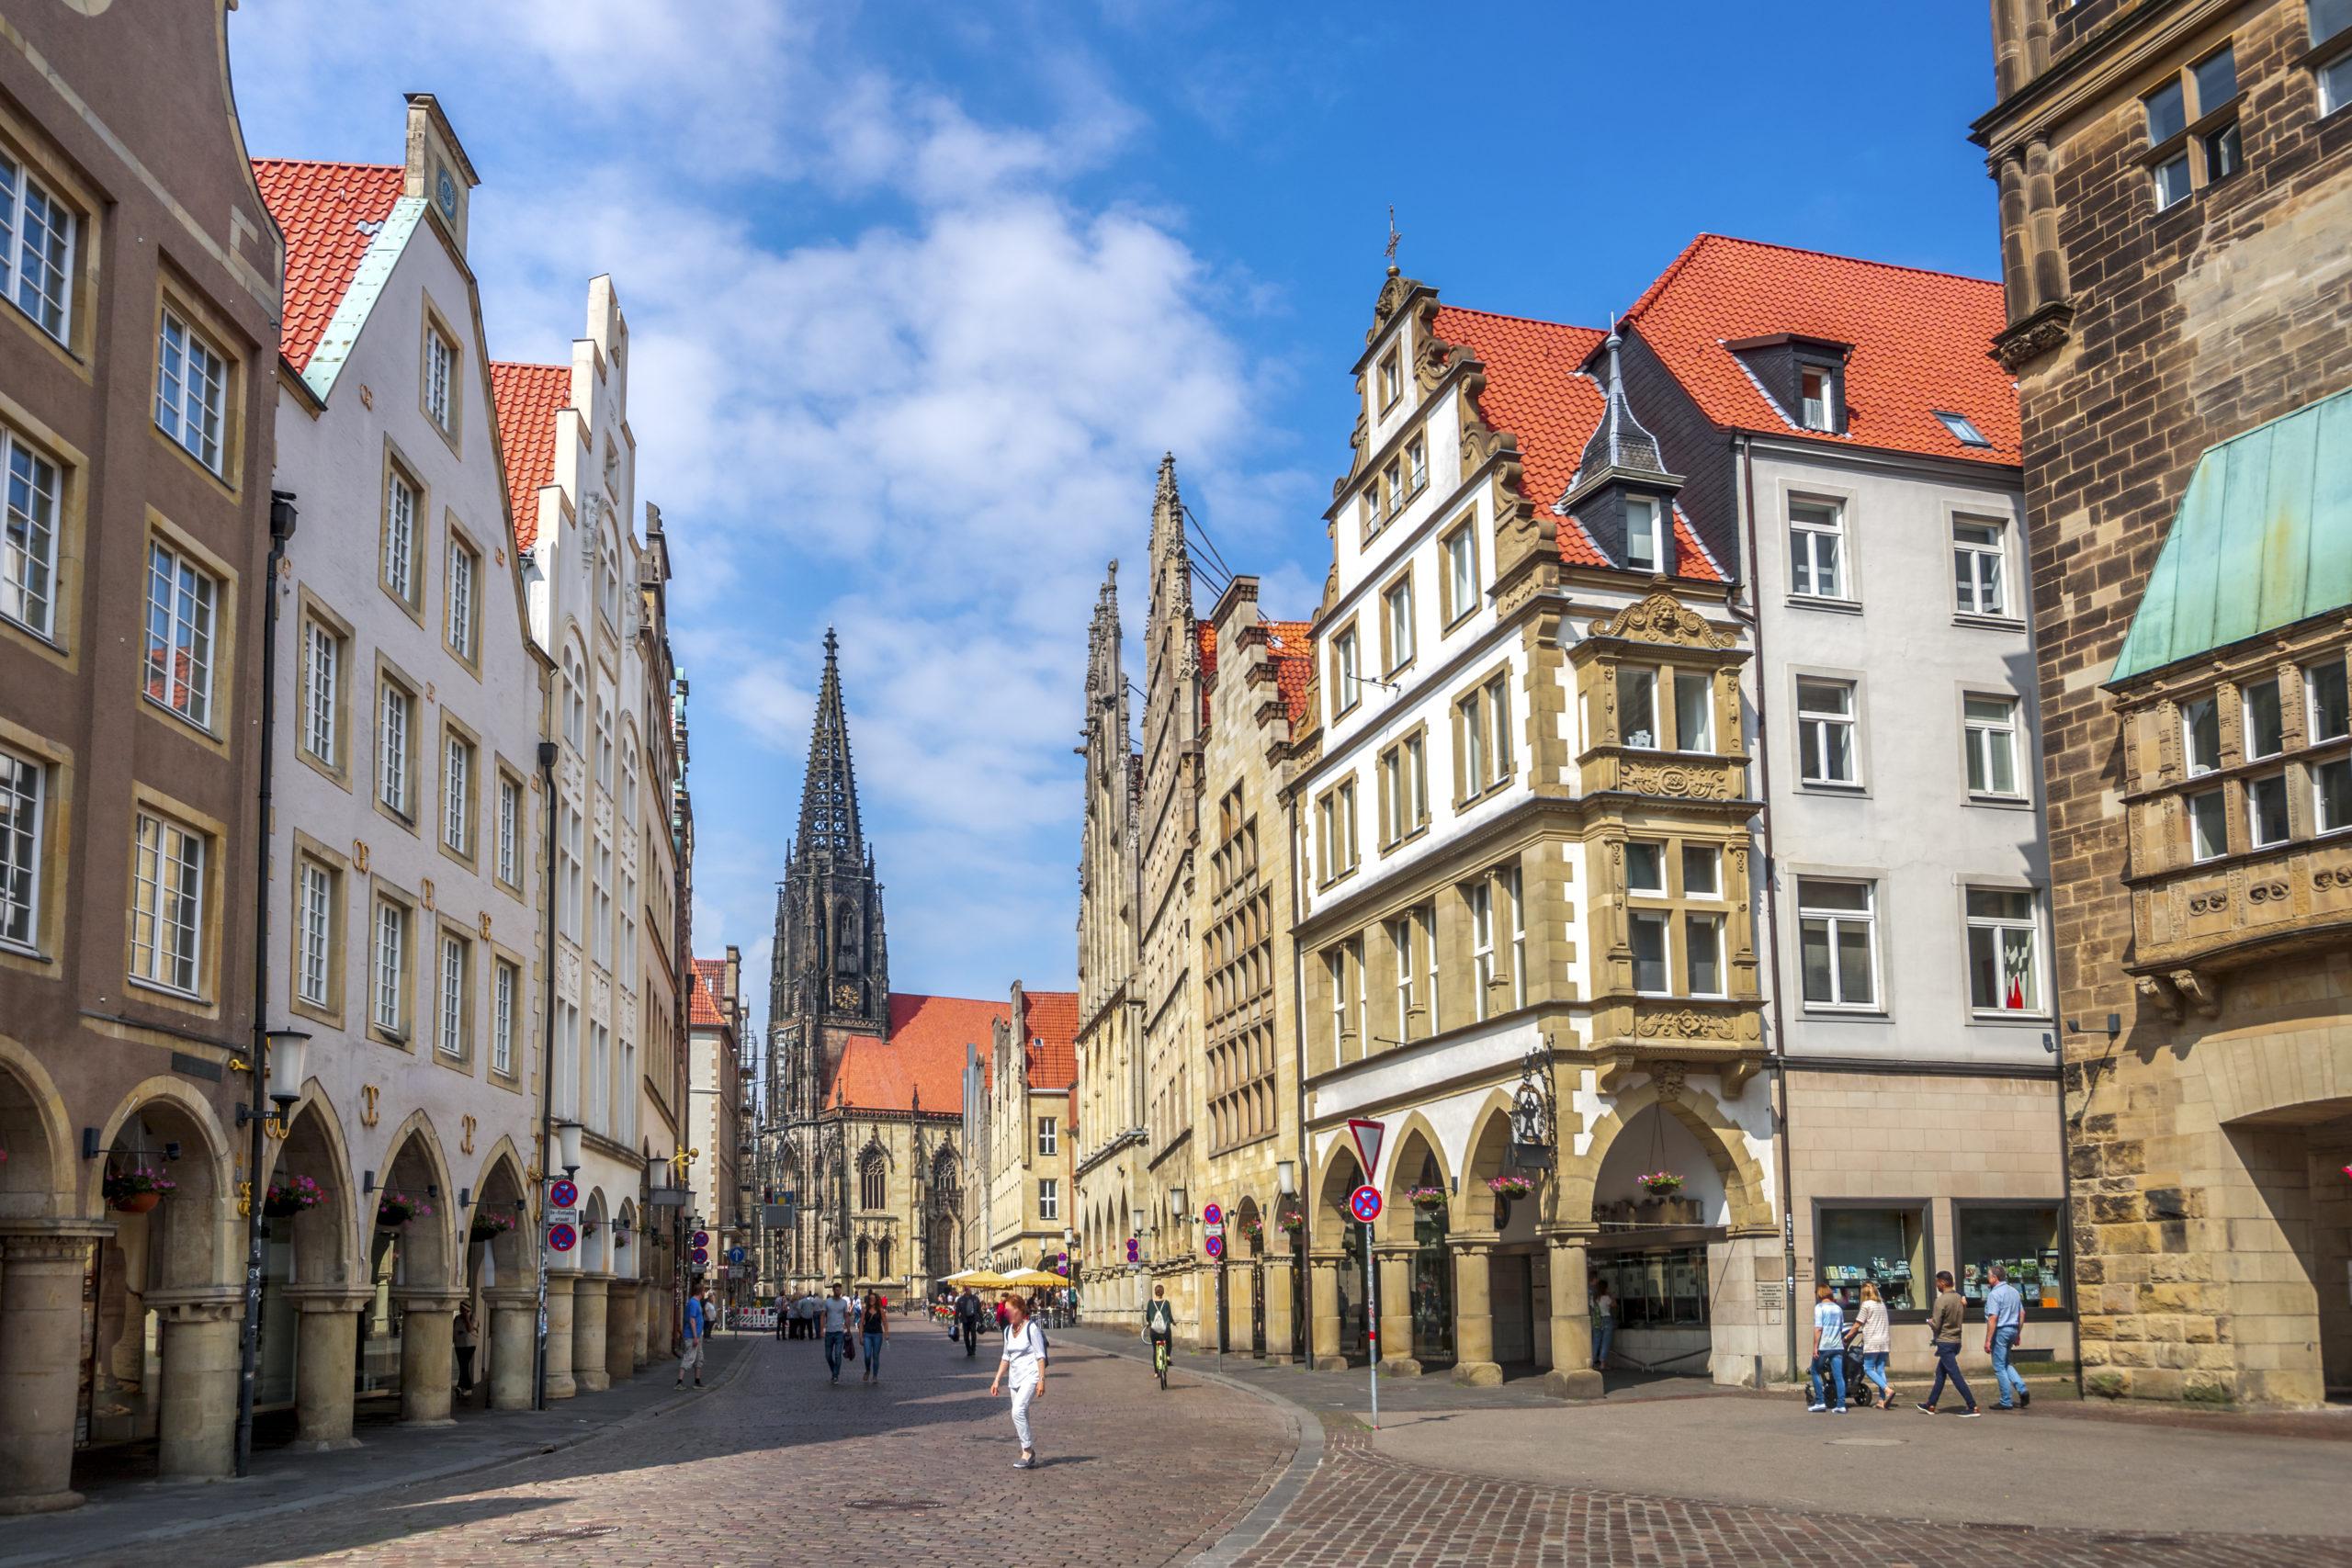 Sommerurlaub in Westdeutschland: Prinzipalmarkt, Lambertikirche, Münster